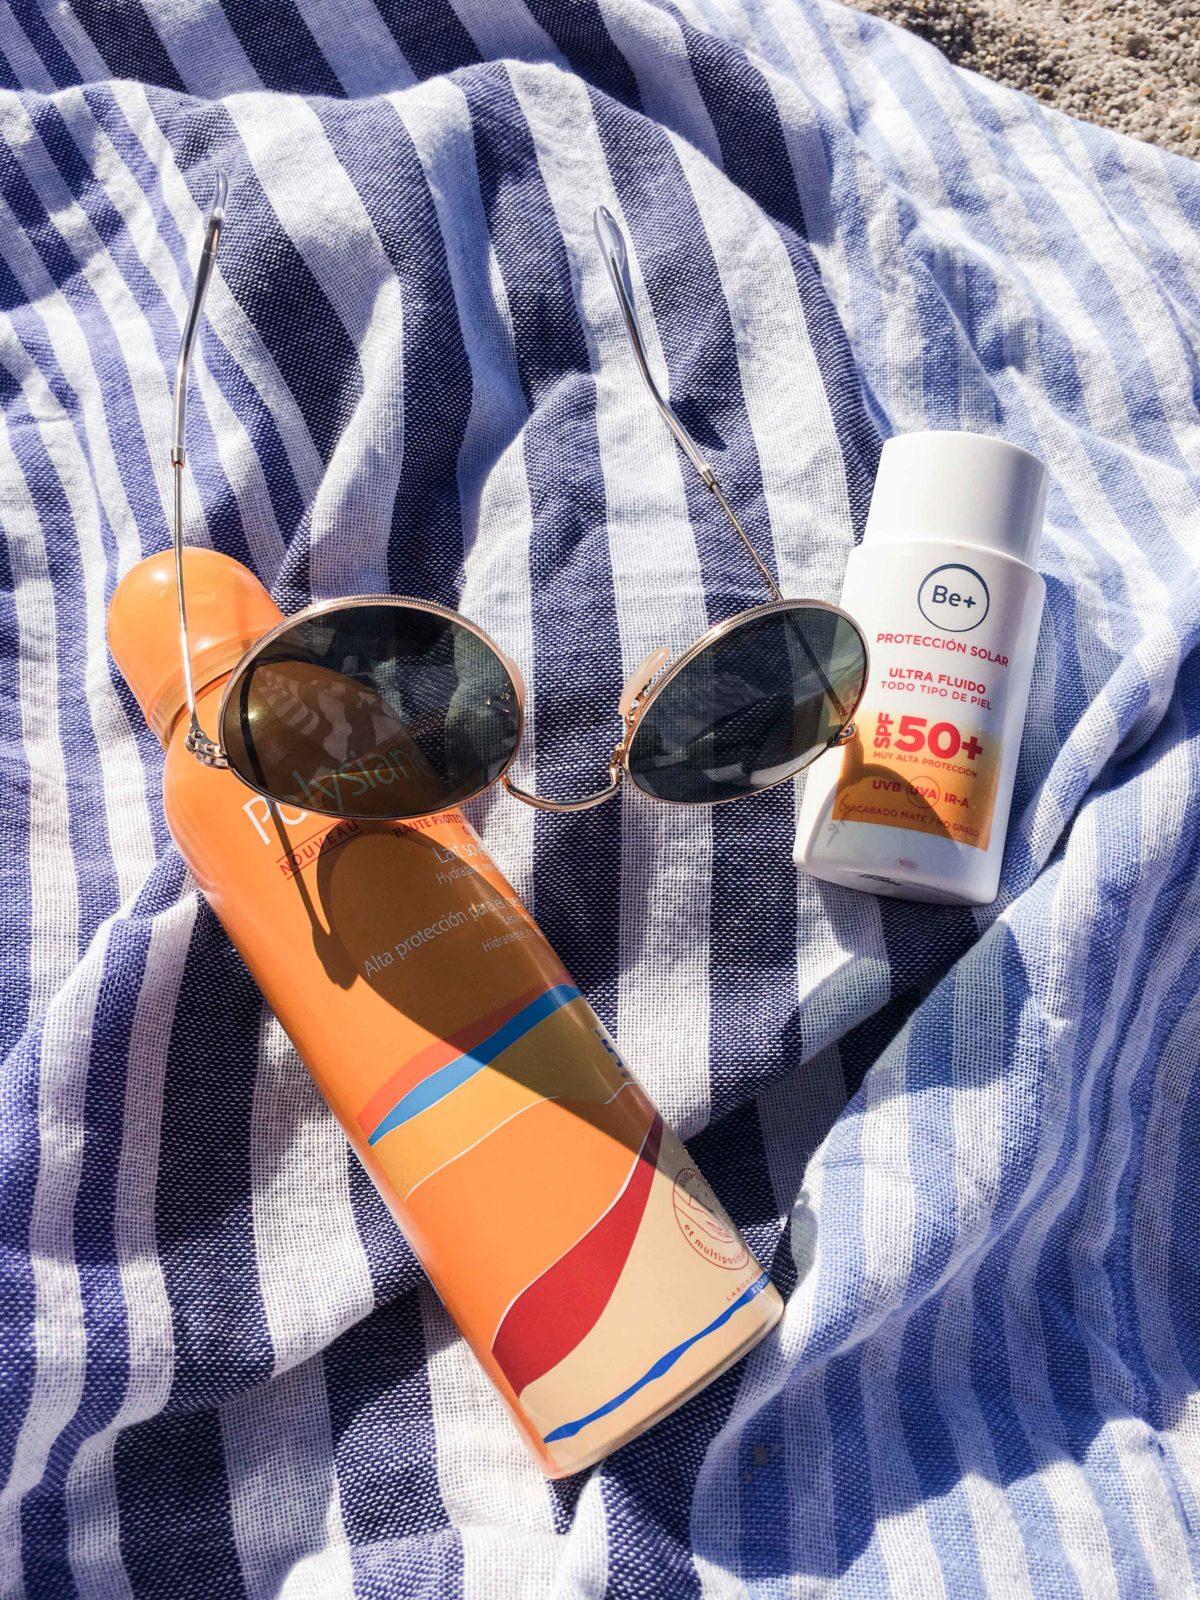 disfrutando del sol consentidiño